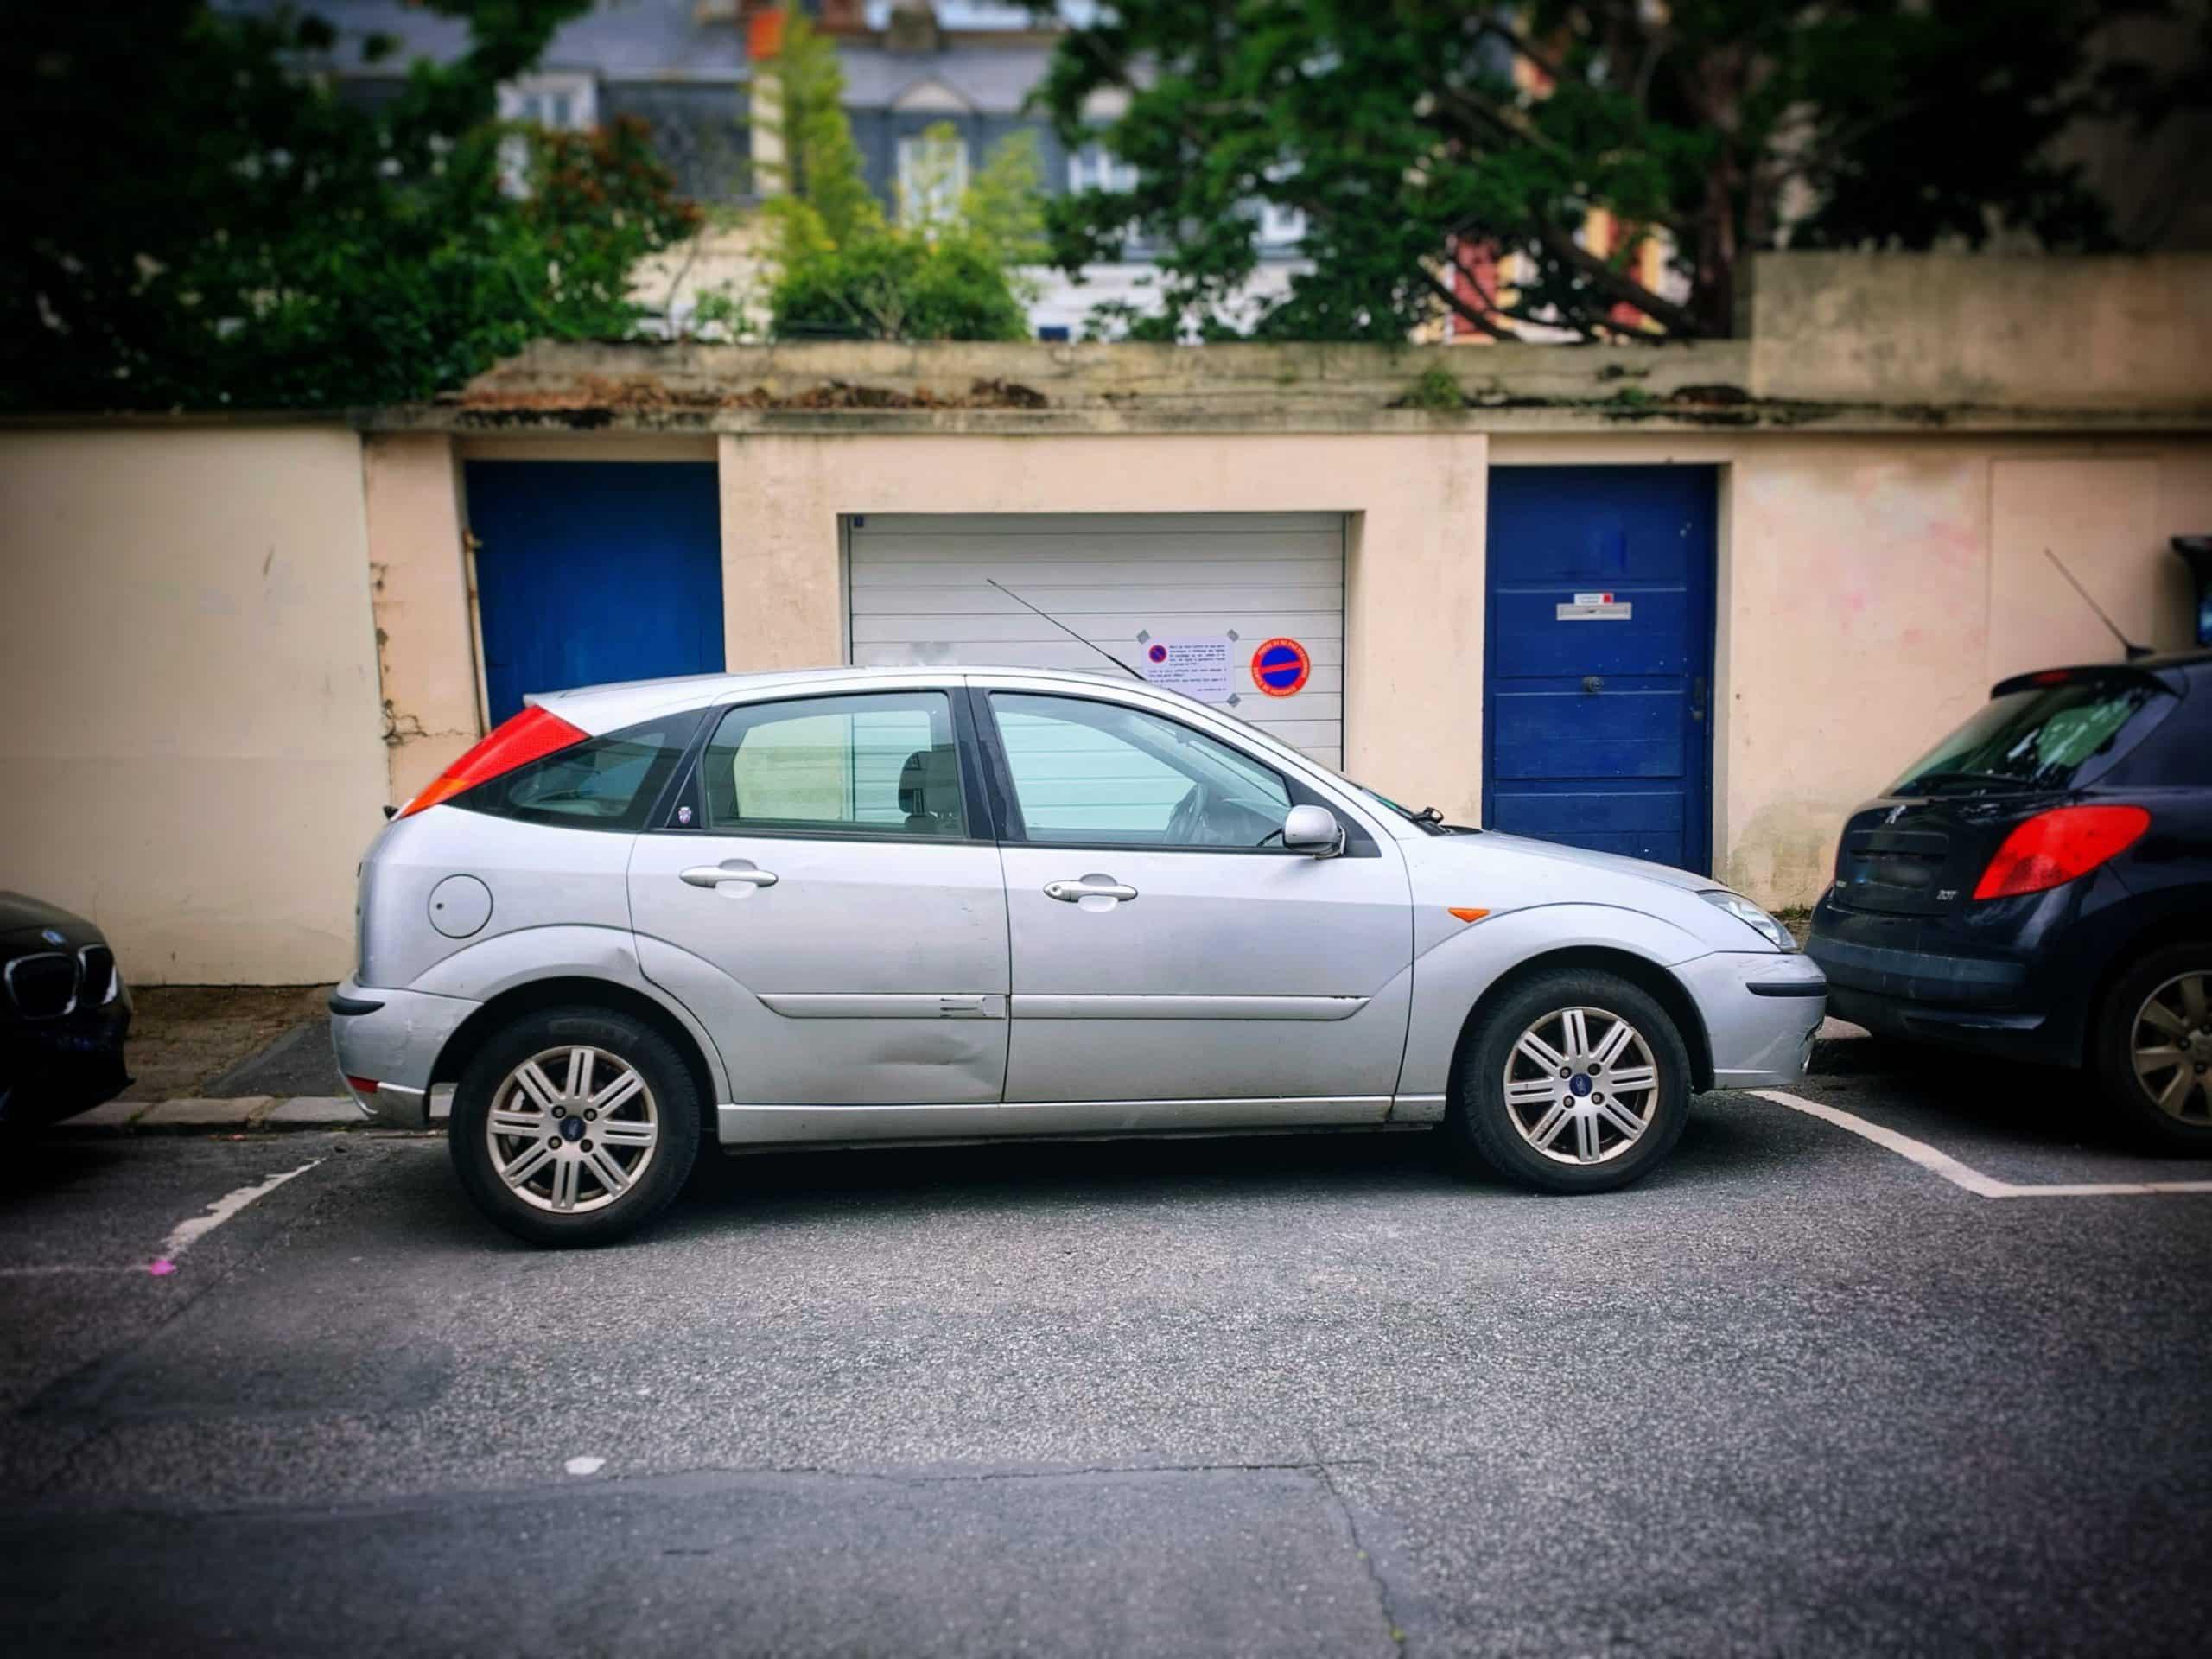 Est-il interdit de stationner devant une maison ?